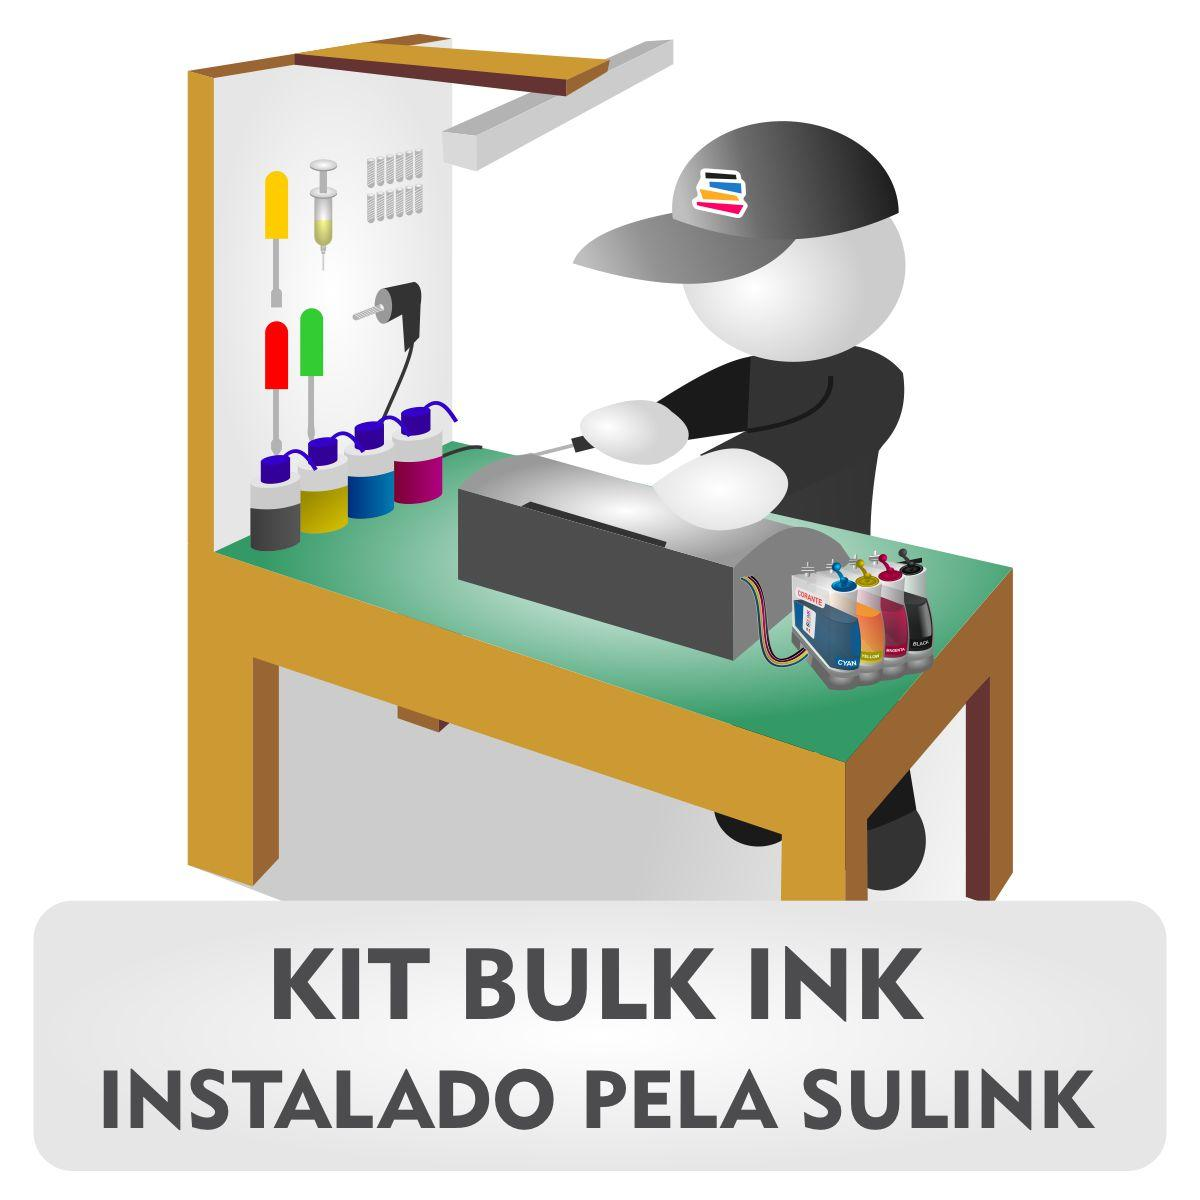 INSTALADO - Bulk Ink para Epson XP-231, XP-241, XP-431 e XP-441   400ml   Tinta Sublimática para Epson - Instalado pela Sulink